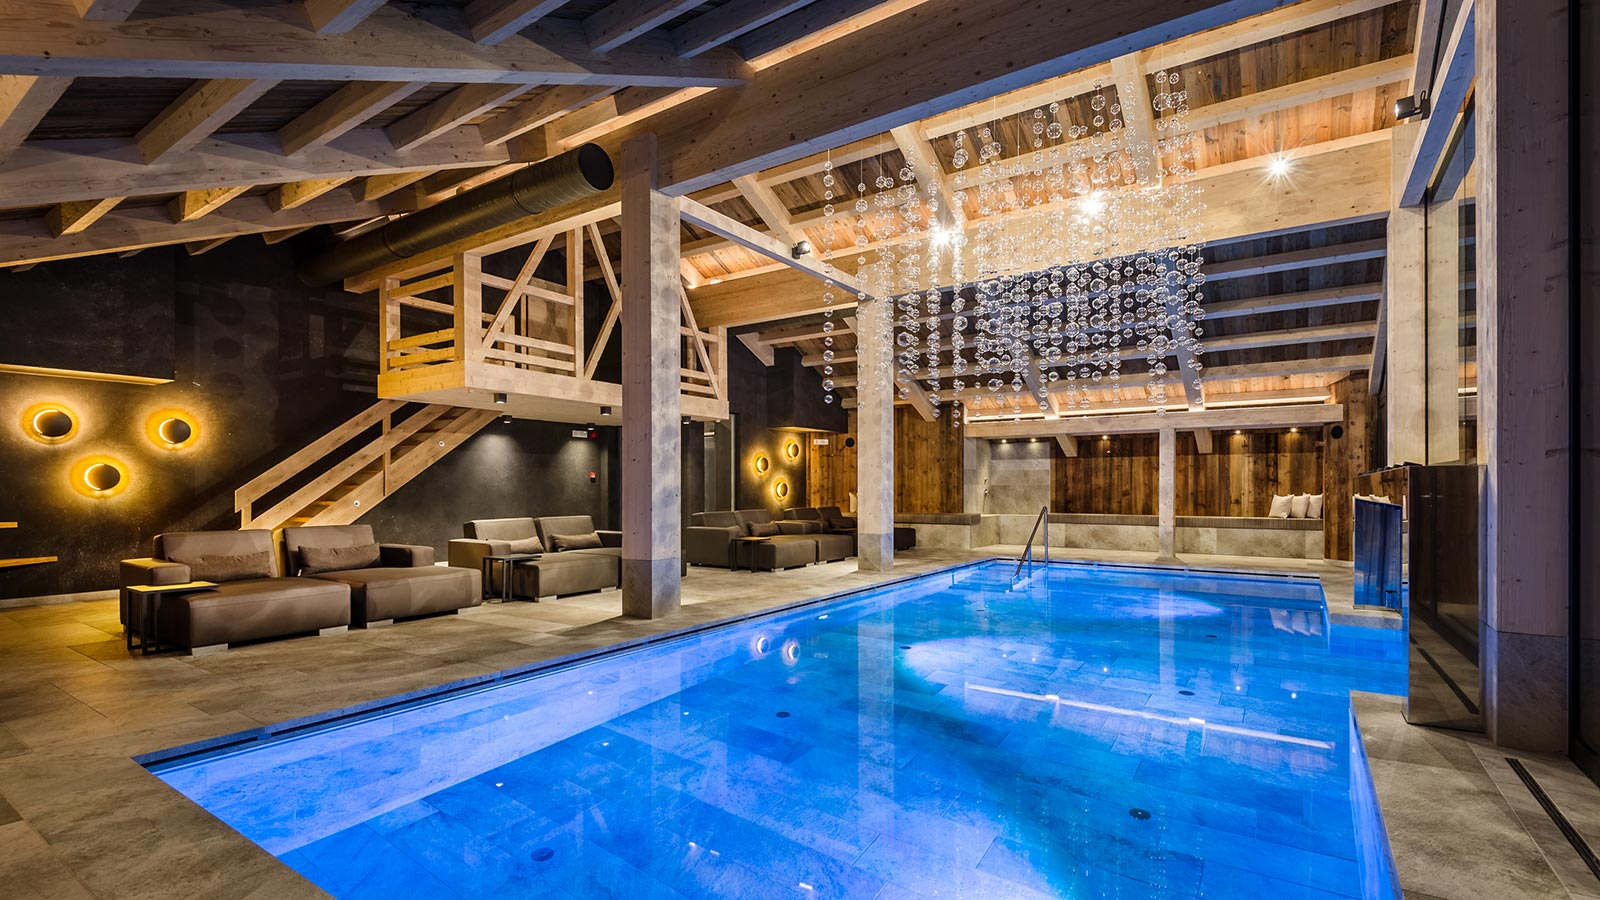 Hotel a corvara con piscina arkadia - Residence val badia con piscina ...